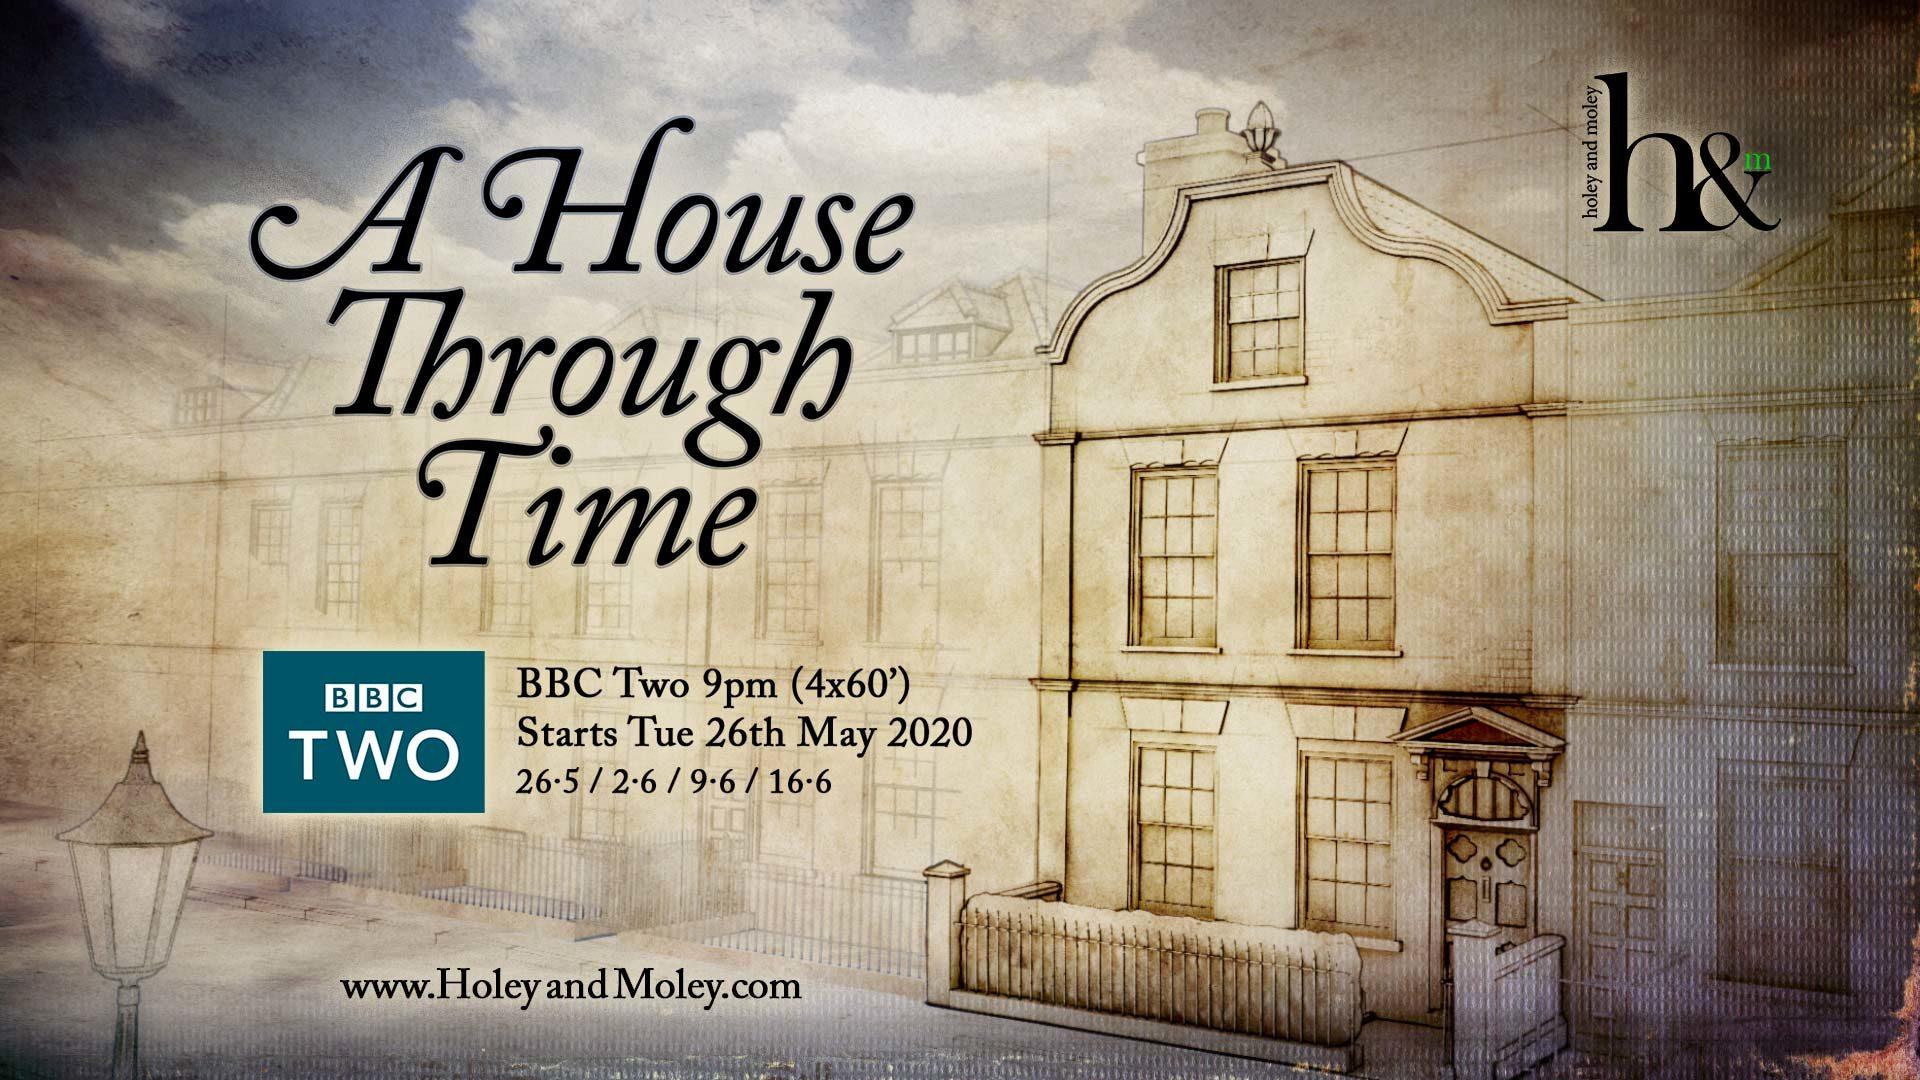 A-House-Through-Time-Series3